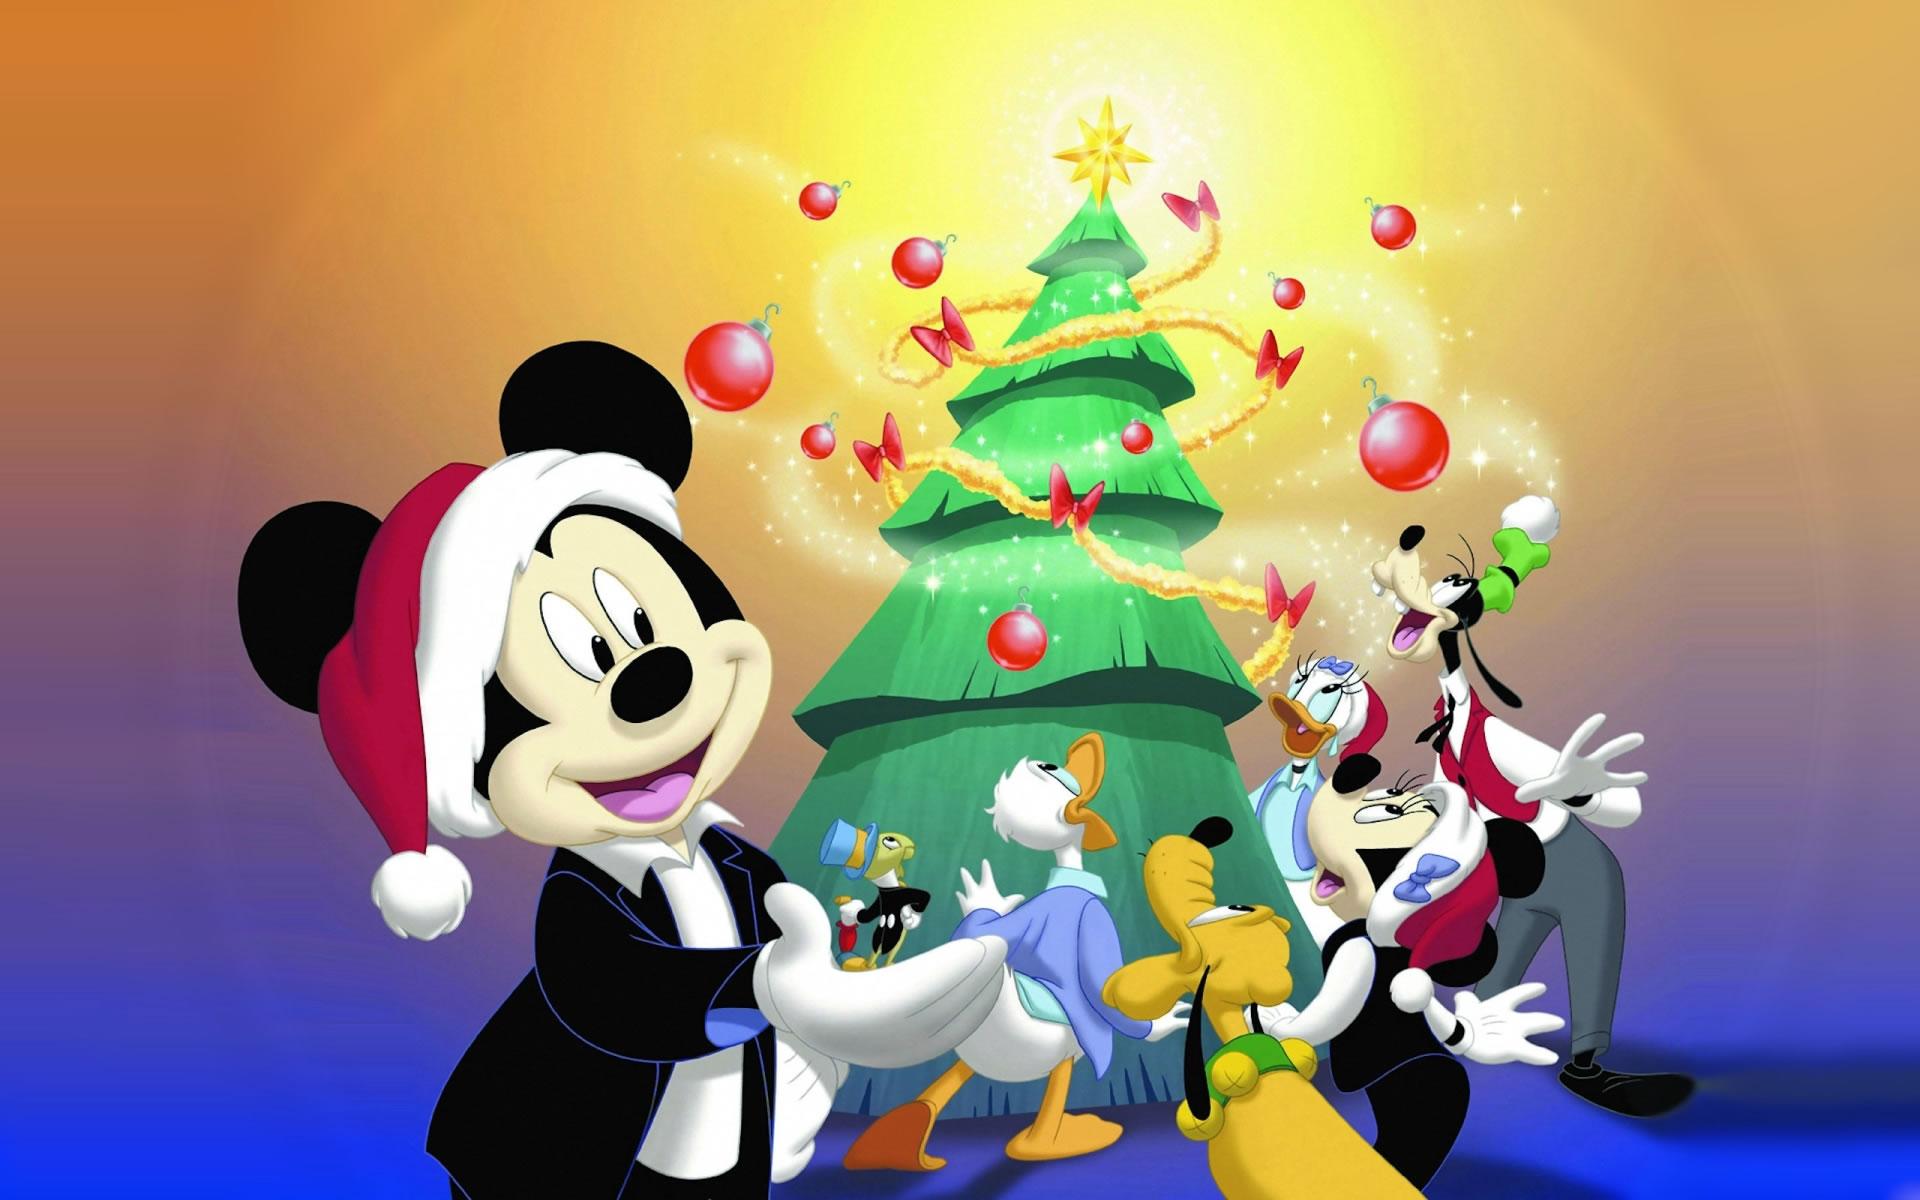 download wallpaper: Kerstfeest met Mickey Mouse wallpaper